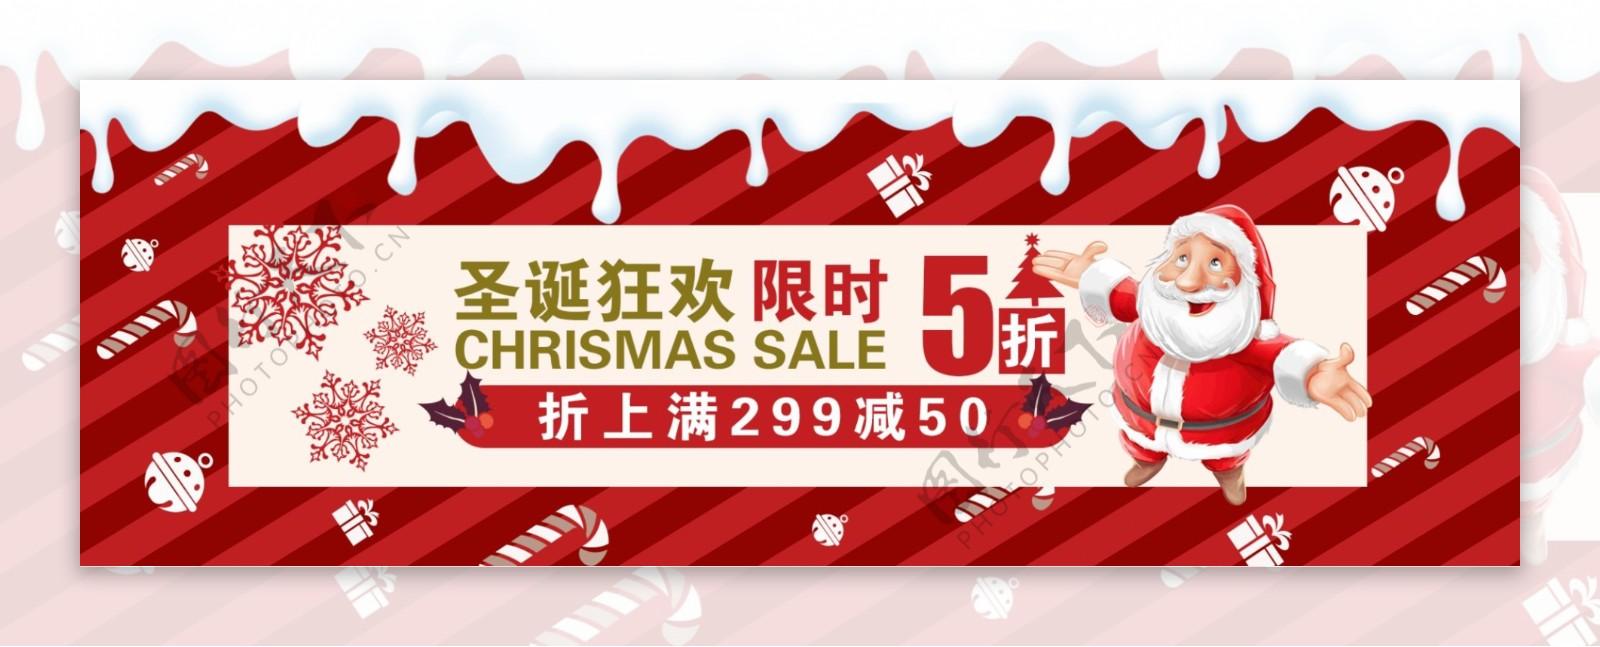 红色条纹几何圣诞节促销banner